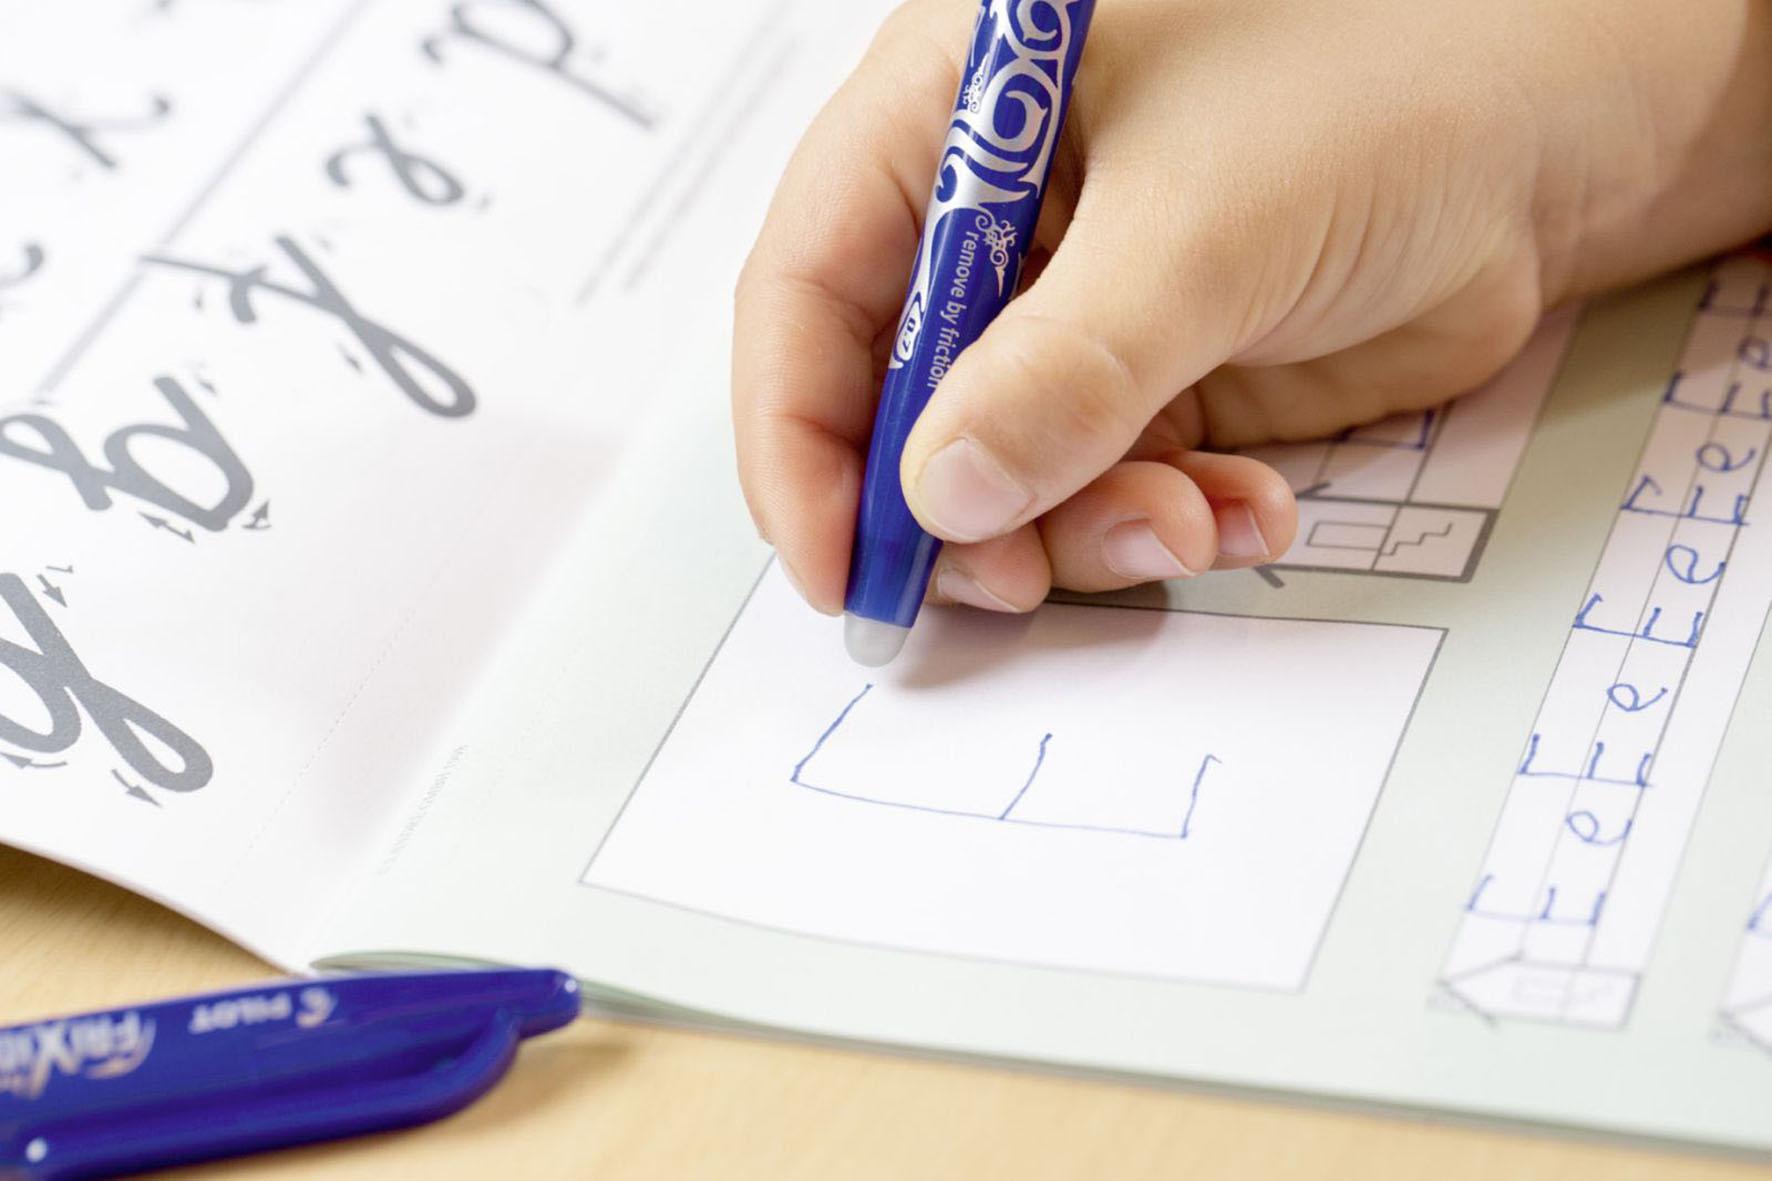 Kind bei den Hausaufgaben - Lernmotivation